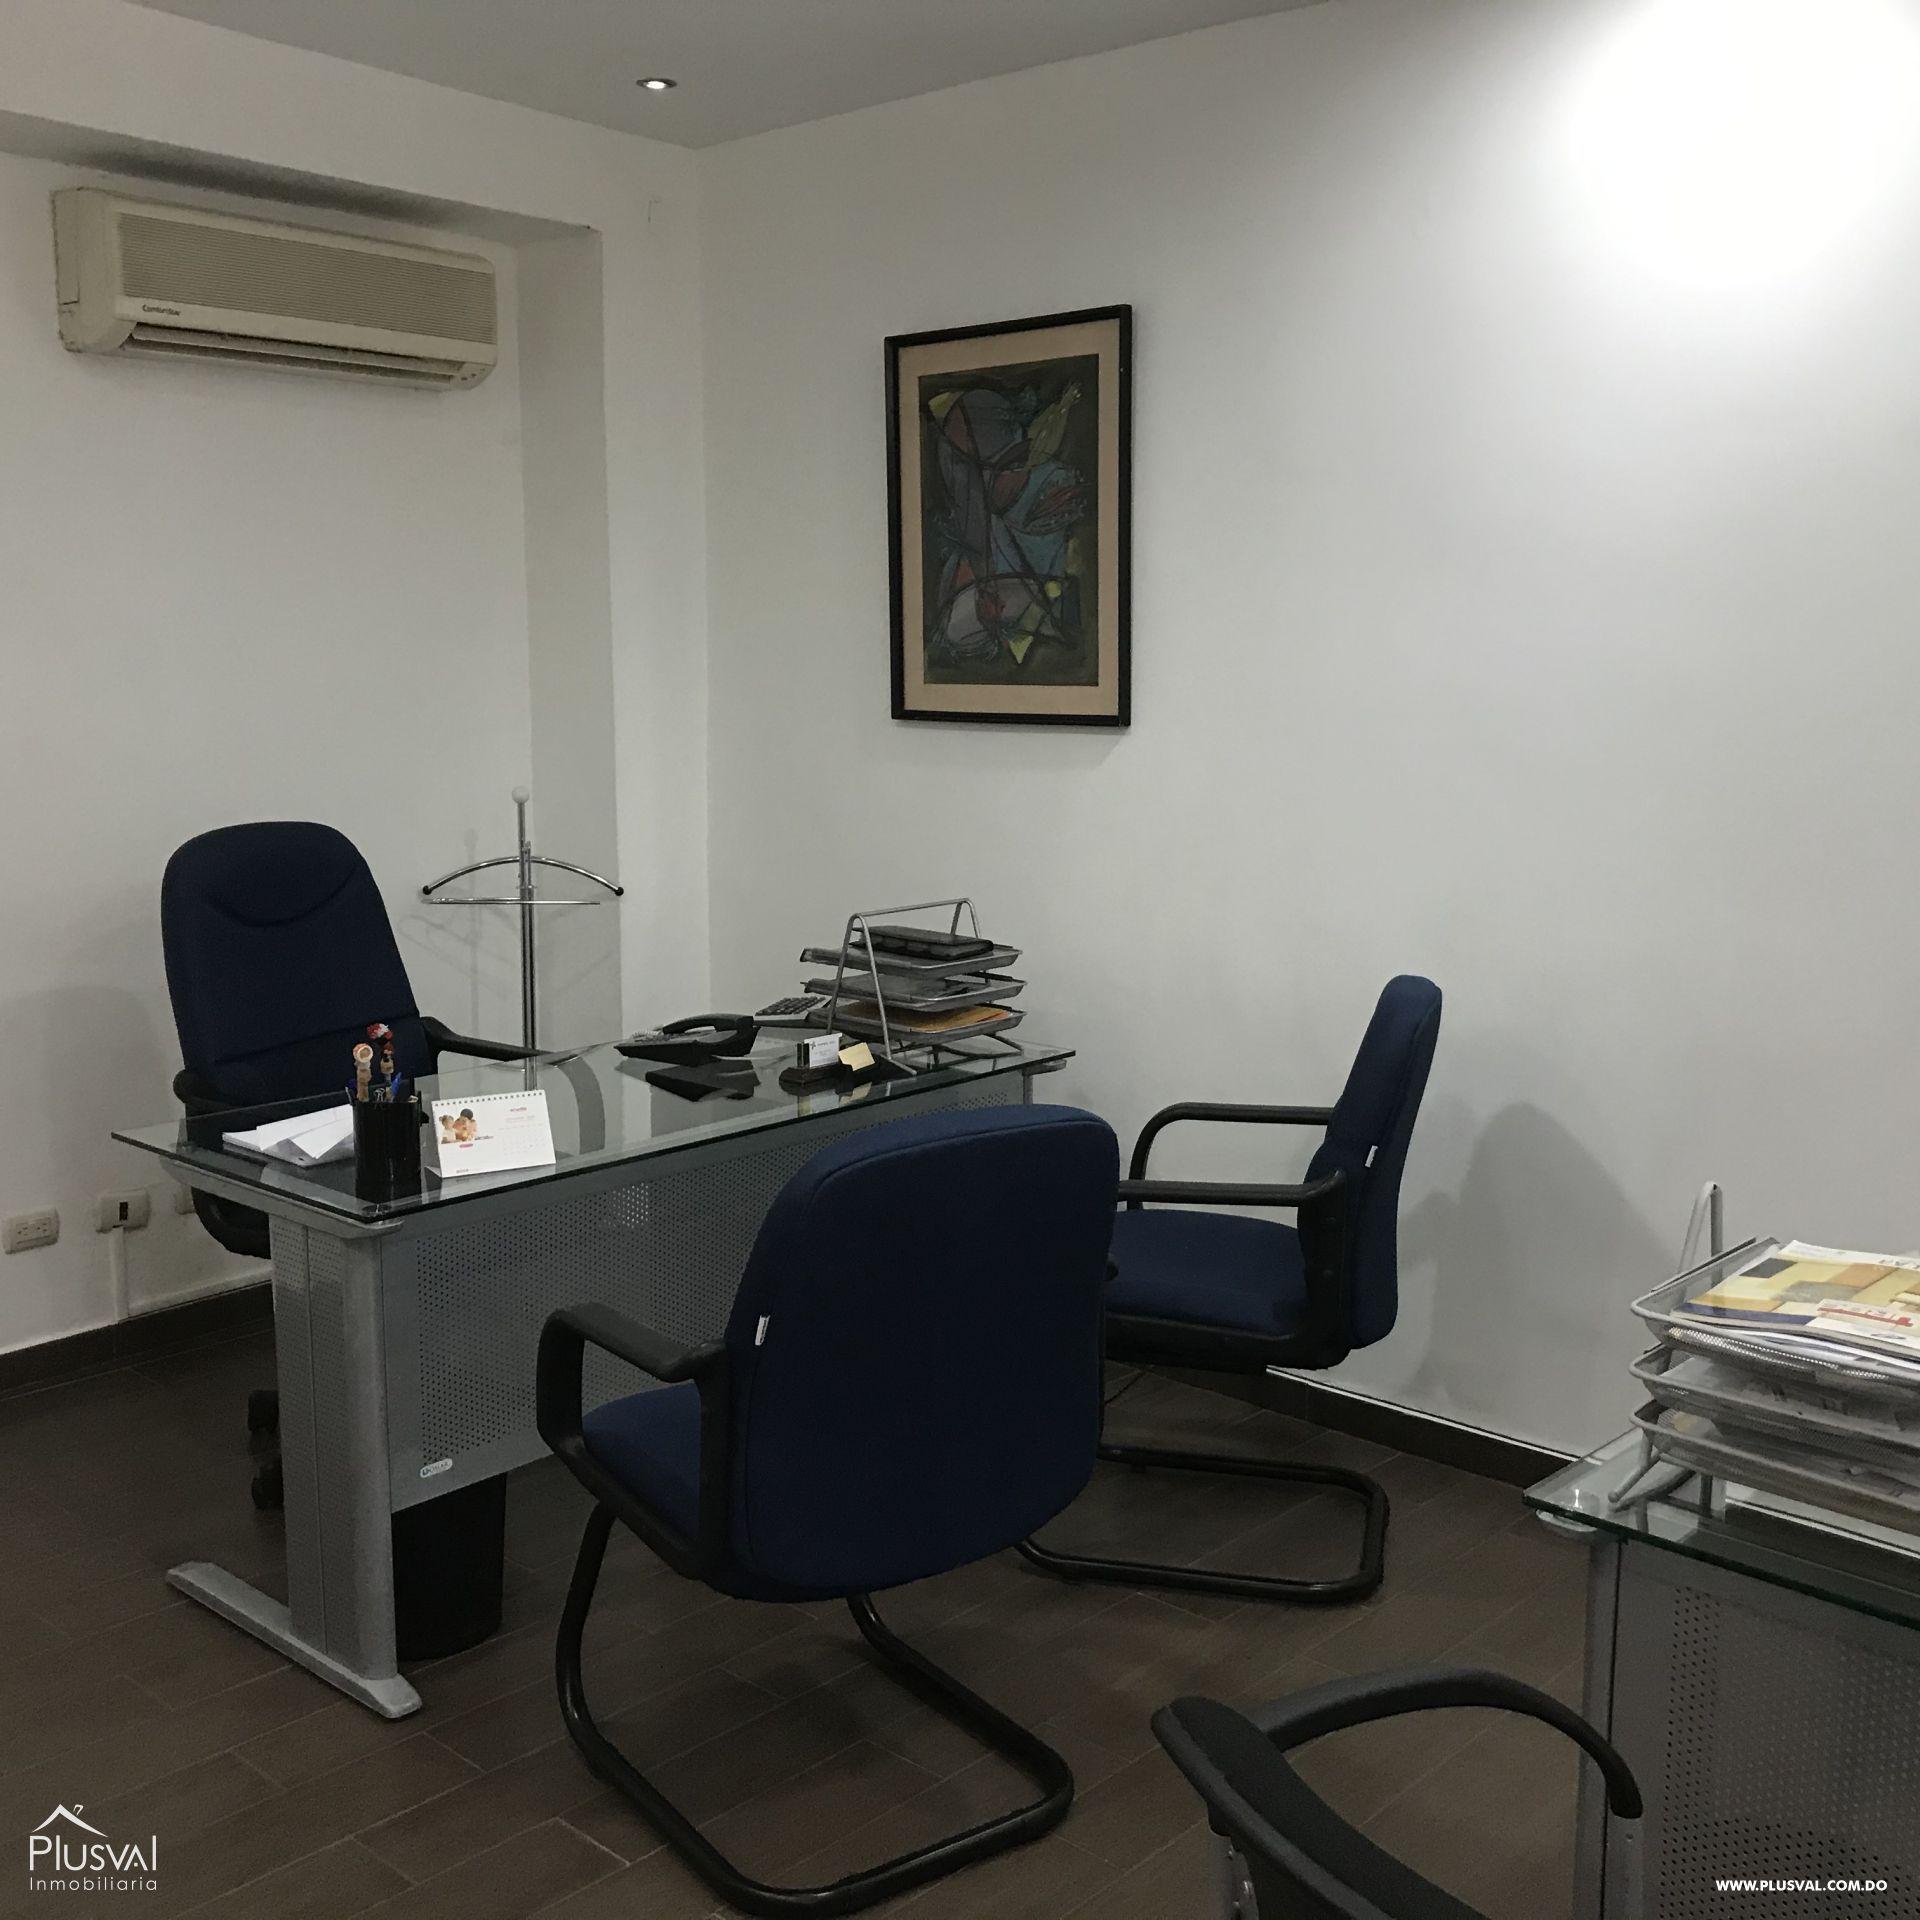 Local de oficina en alquiler en piantini amueblada y/o sin muebles